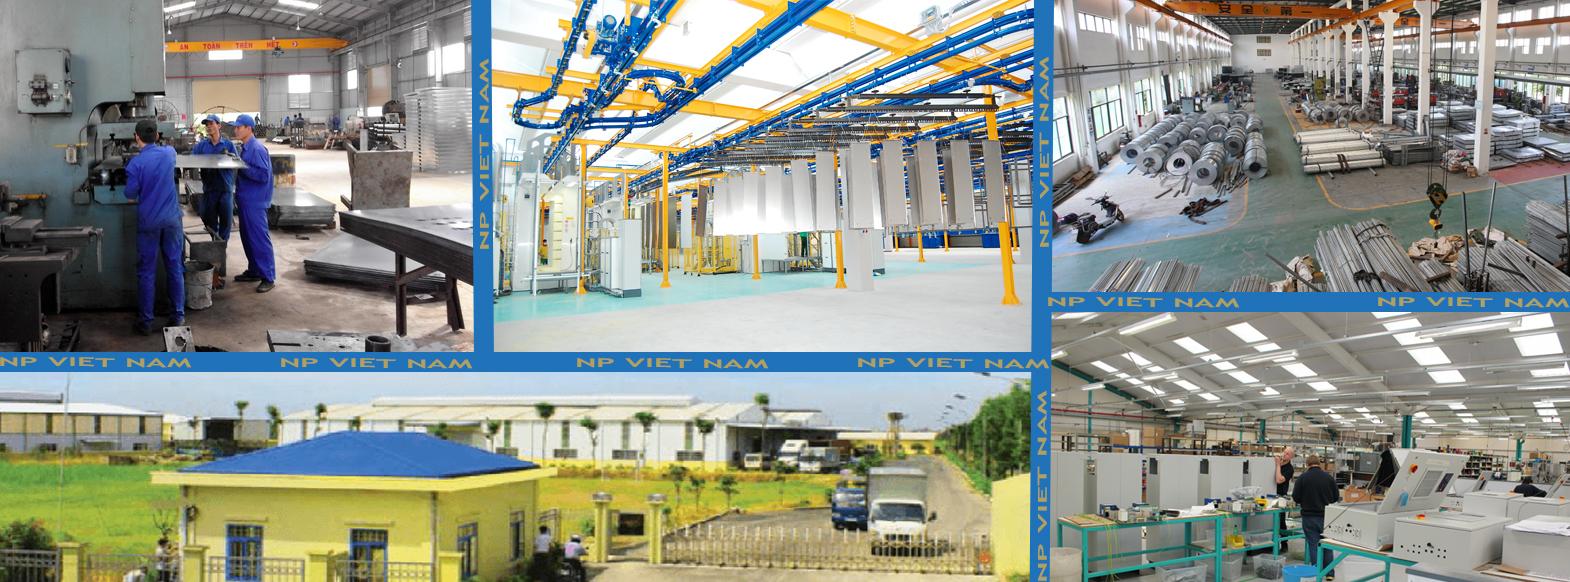 Nhà xưởng sản xuất NP Việt Nam